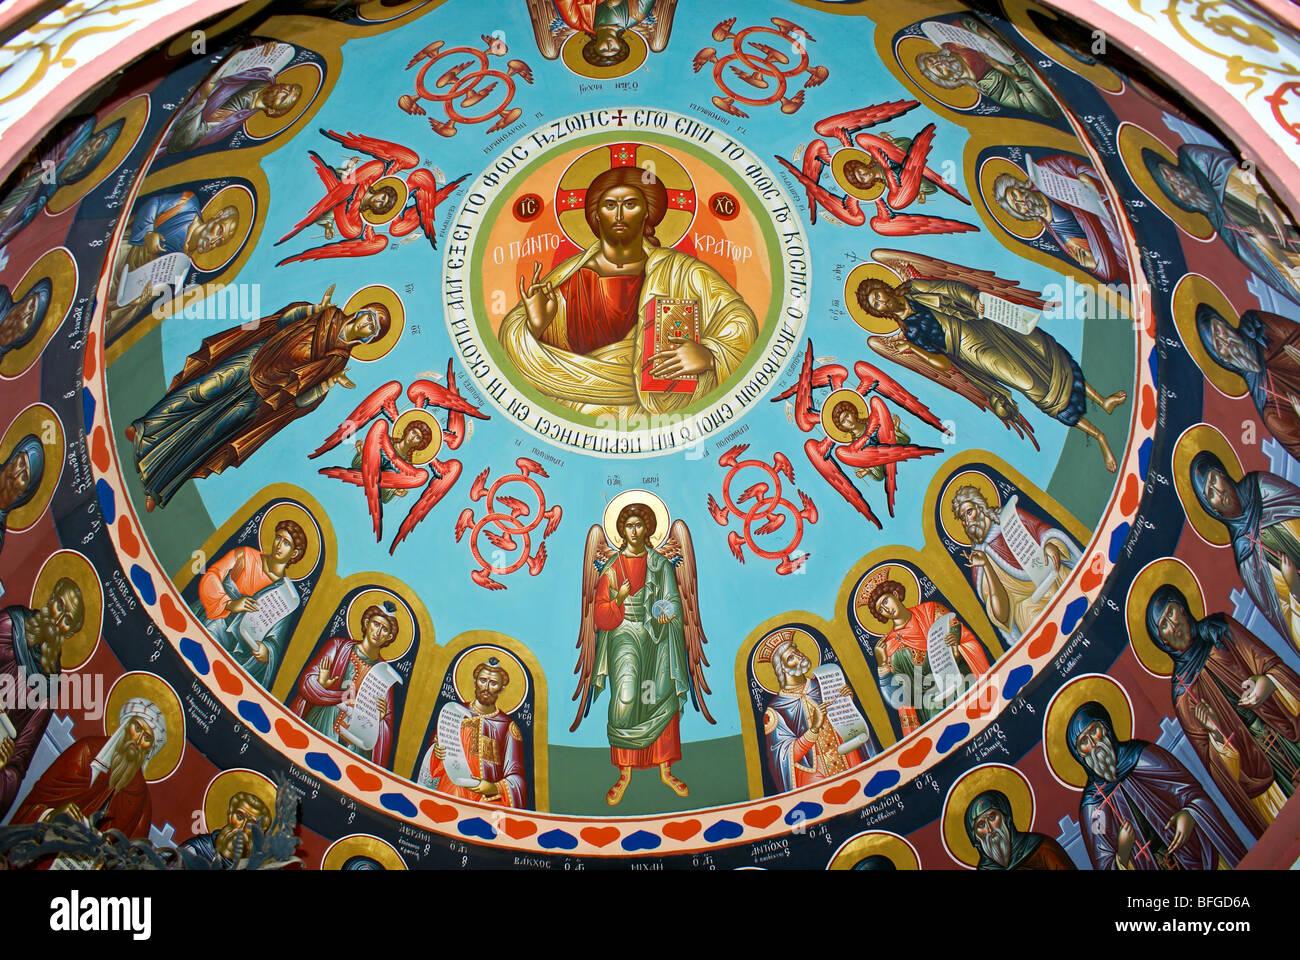 Fresco in Greek Orthodox Monastery of Mar Saba (St. Sabas) in Judean Desert, Israel - Stock Image